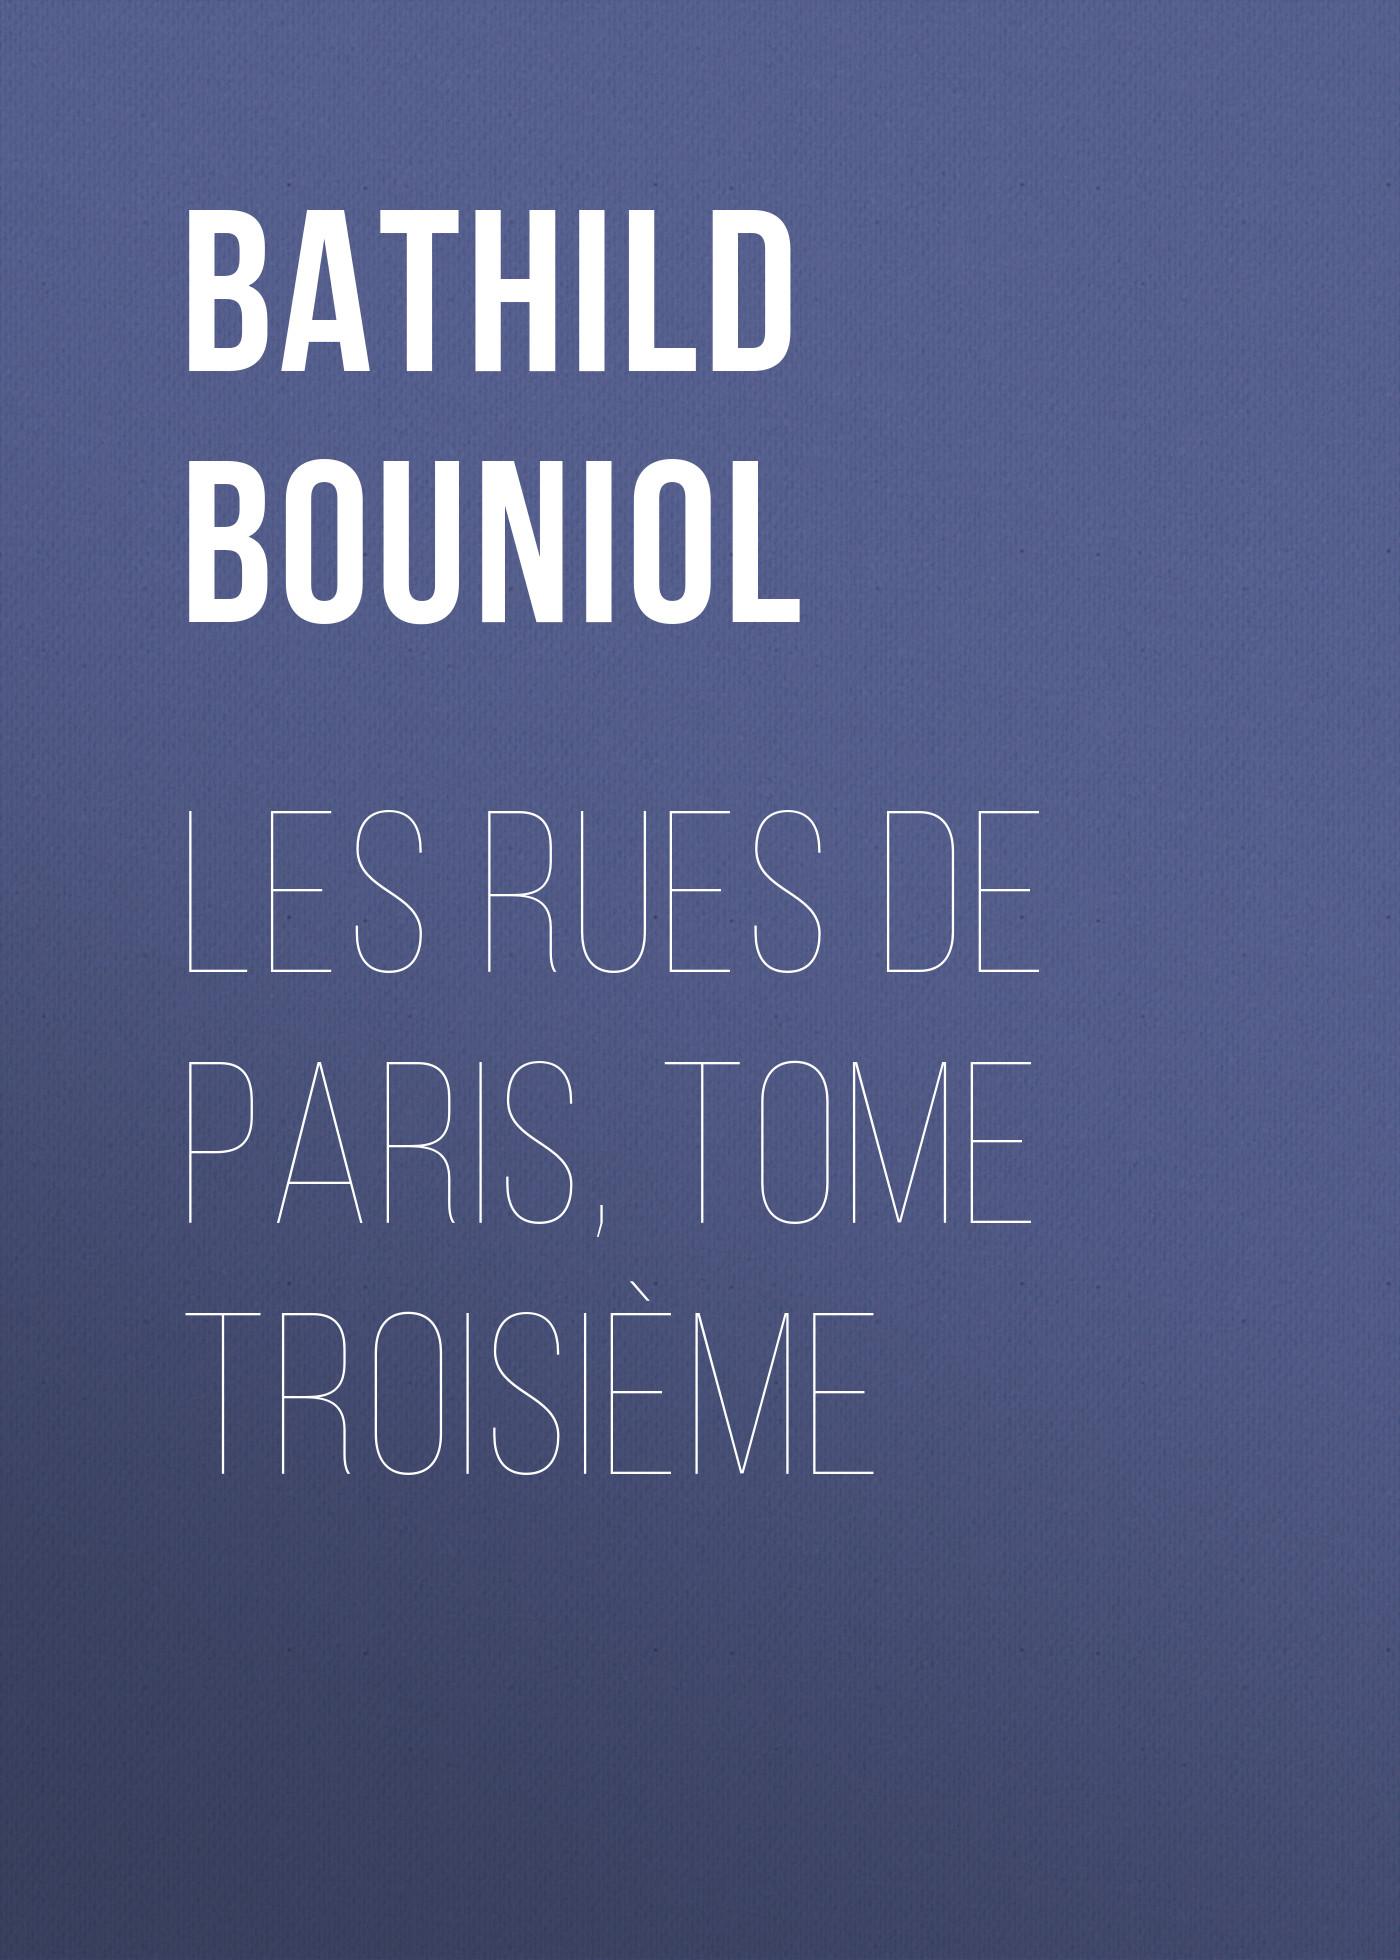 Bouniol Bathild Les Rues de Paris, tome troisième цены онлайн